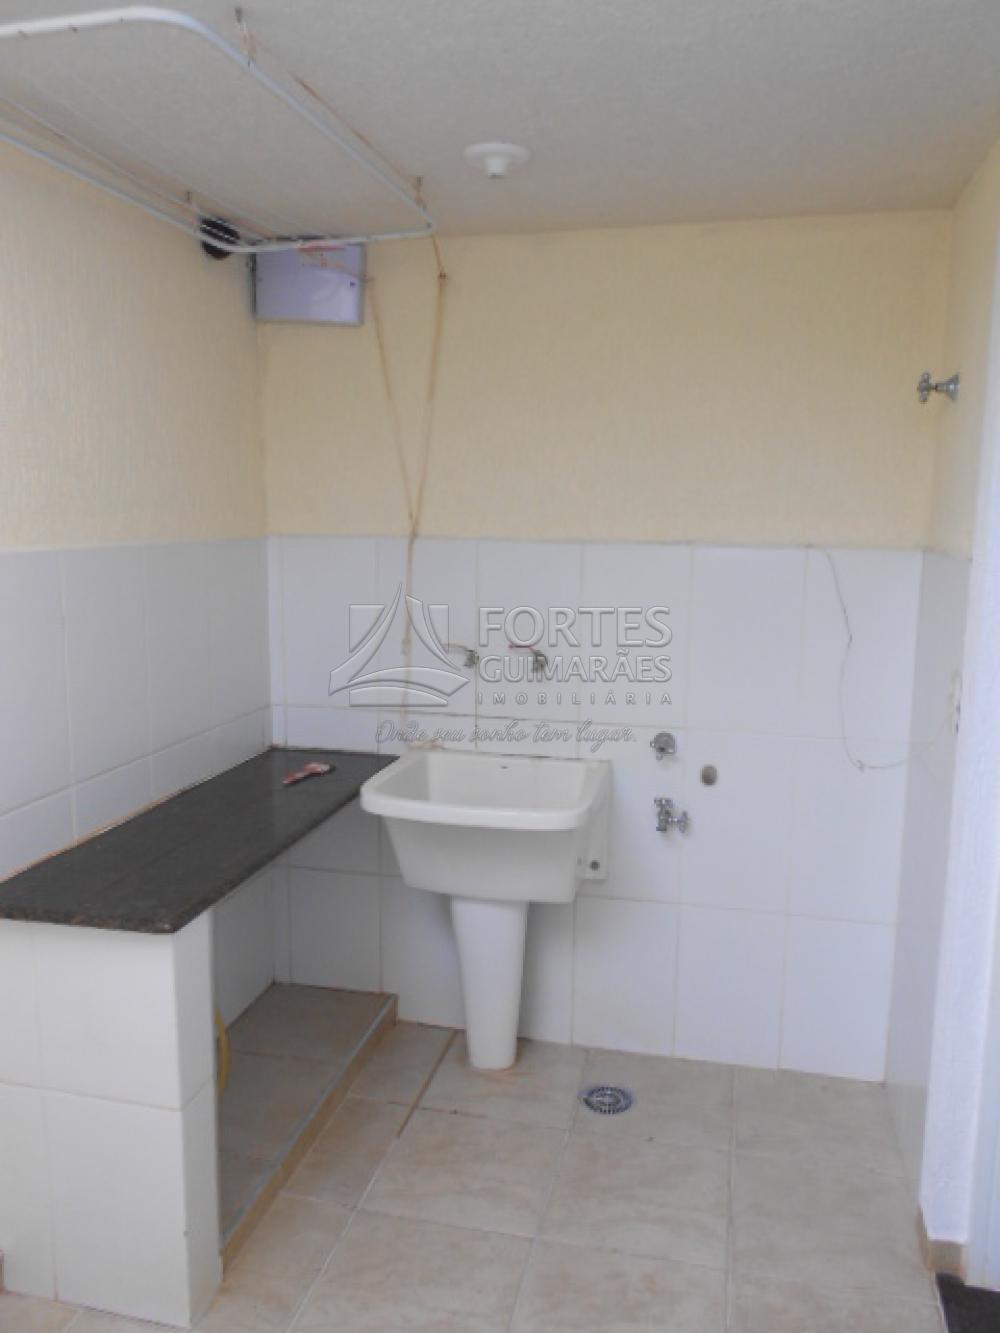 Alugar Casas / Padrão em Ribeirão Preto apenas R$ 3.500,00 - Foto 63